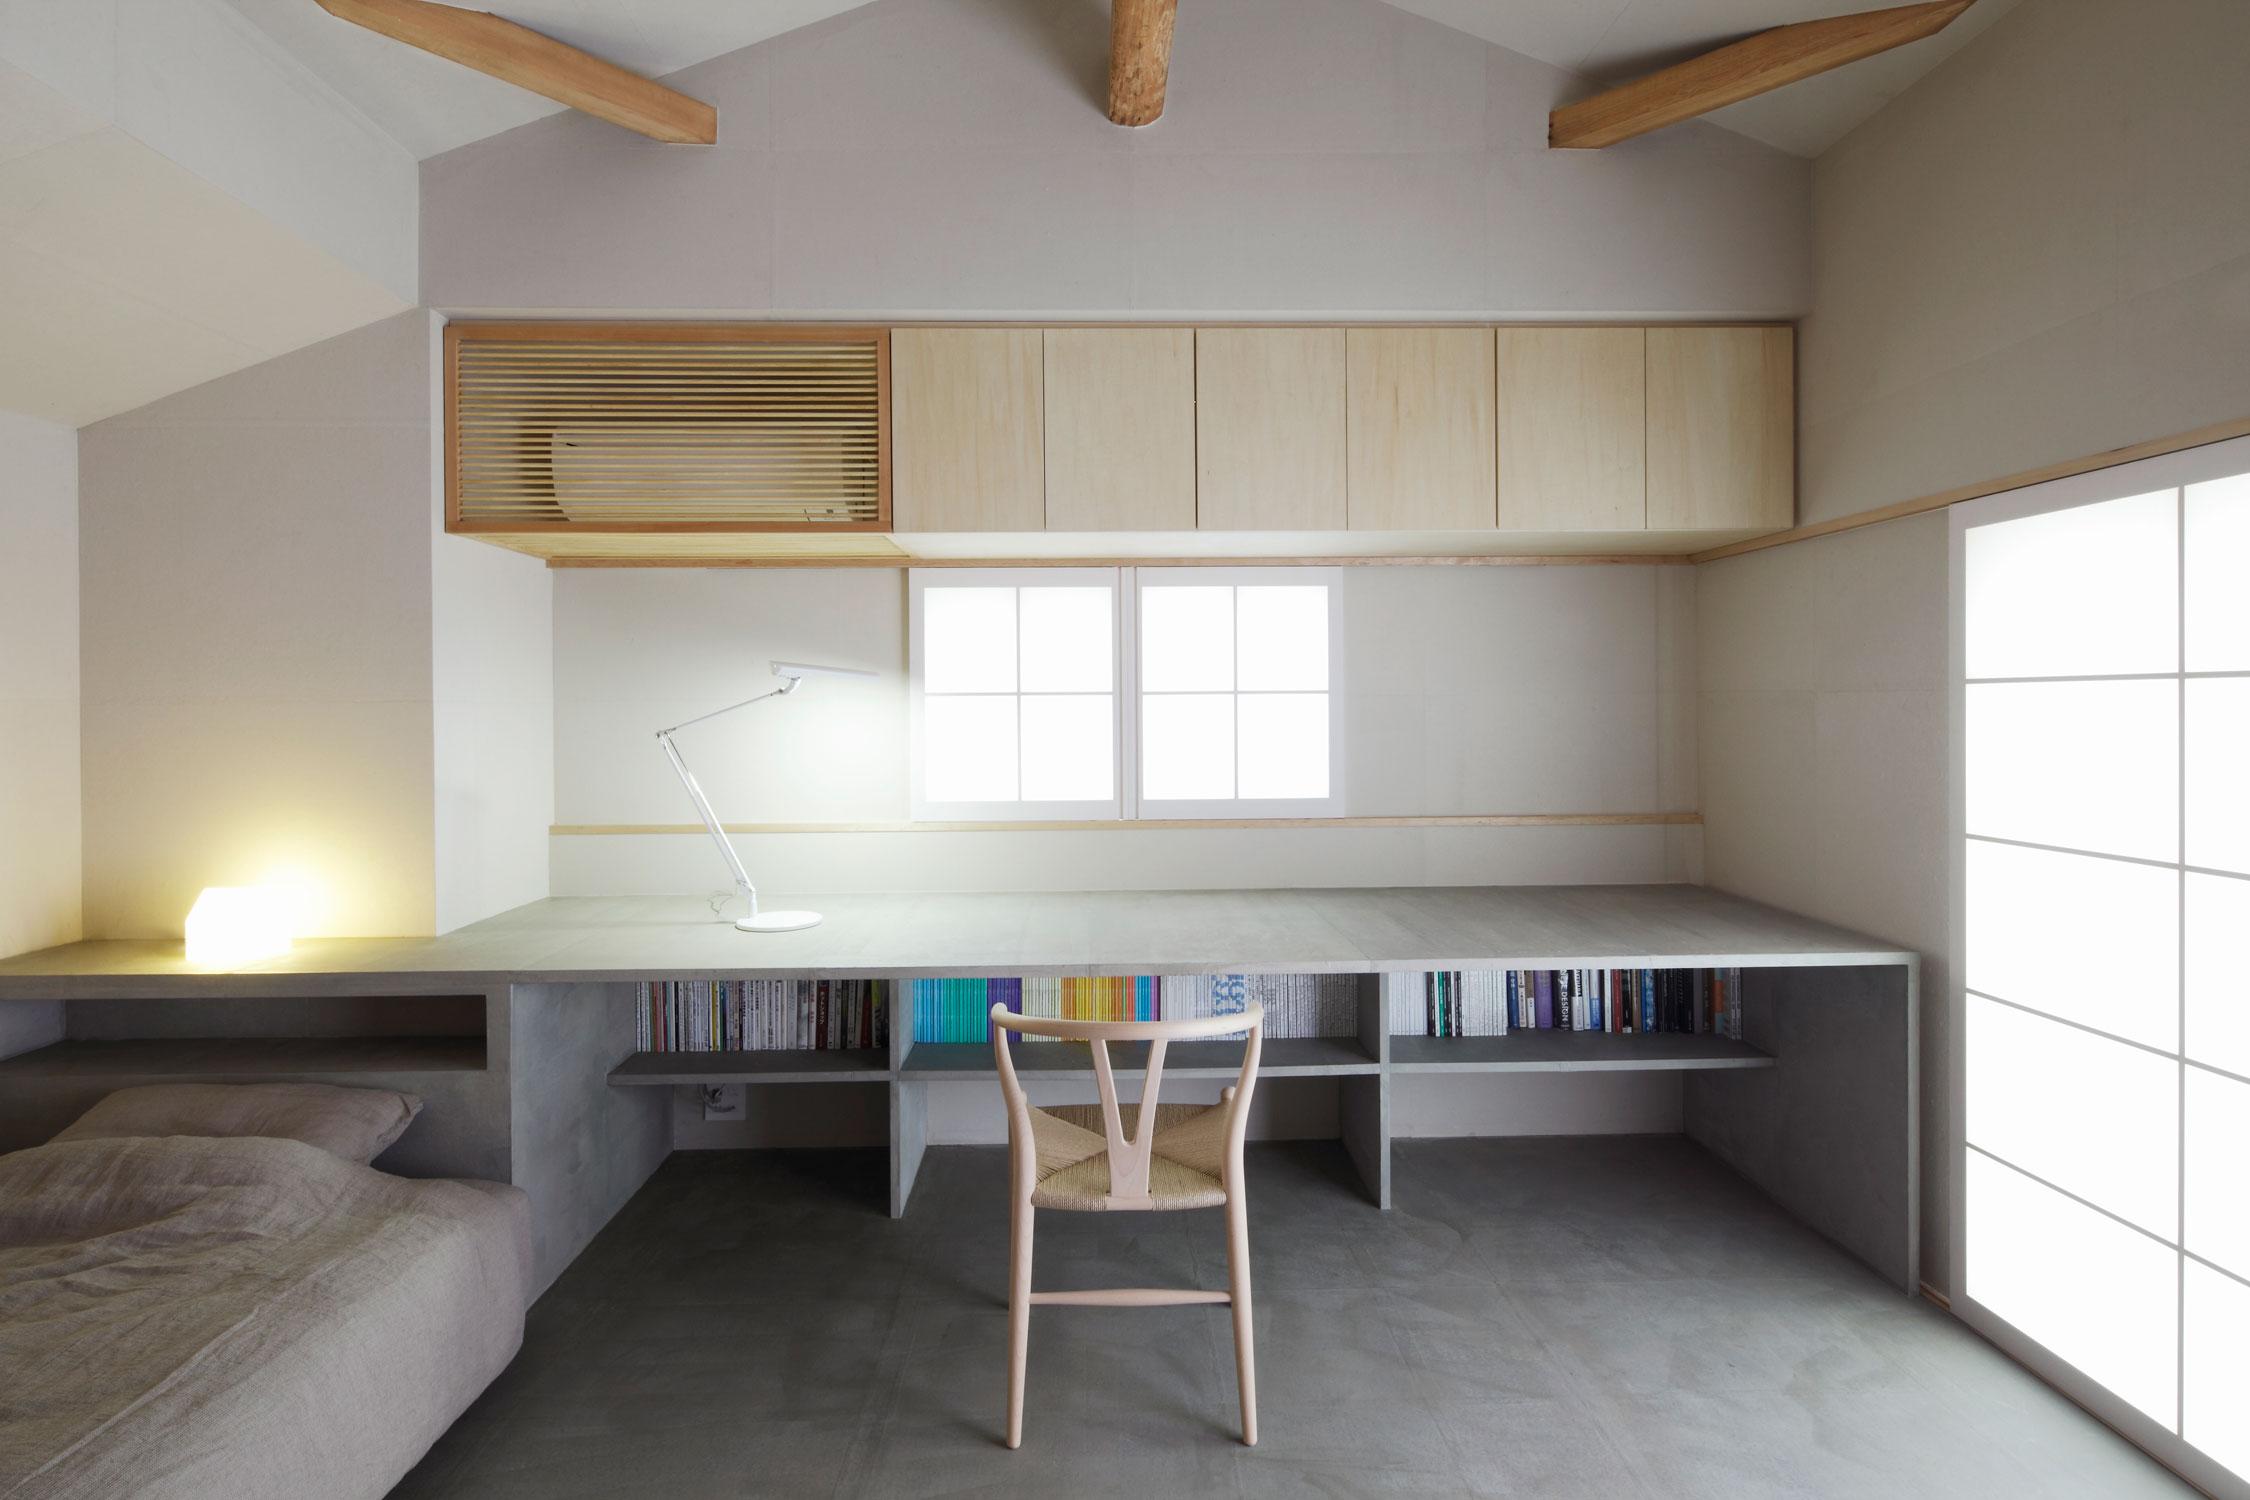 京都の一級建築士事務所こより・京都の一級建築士事務所こより・向日市の家